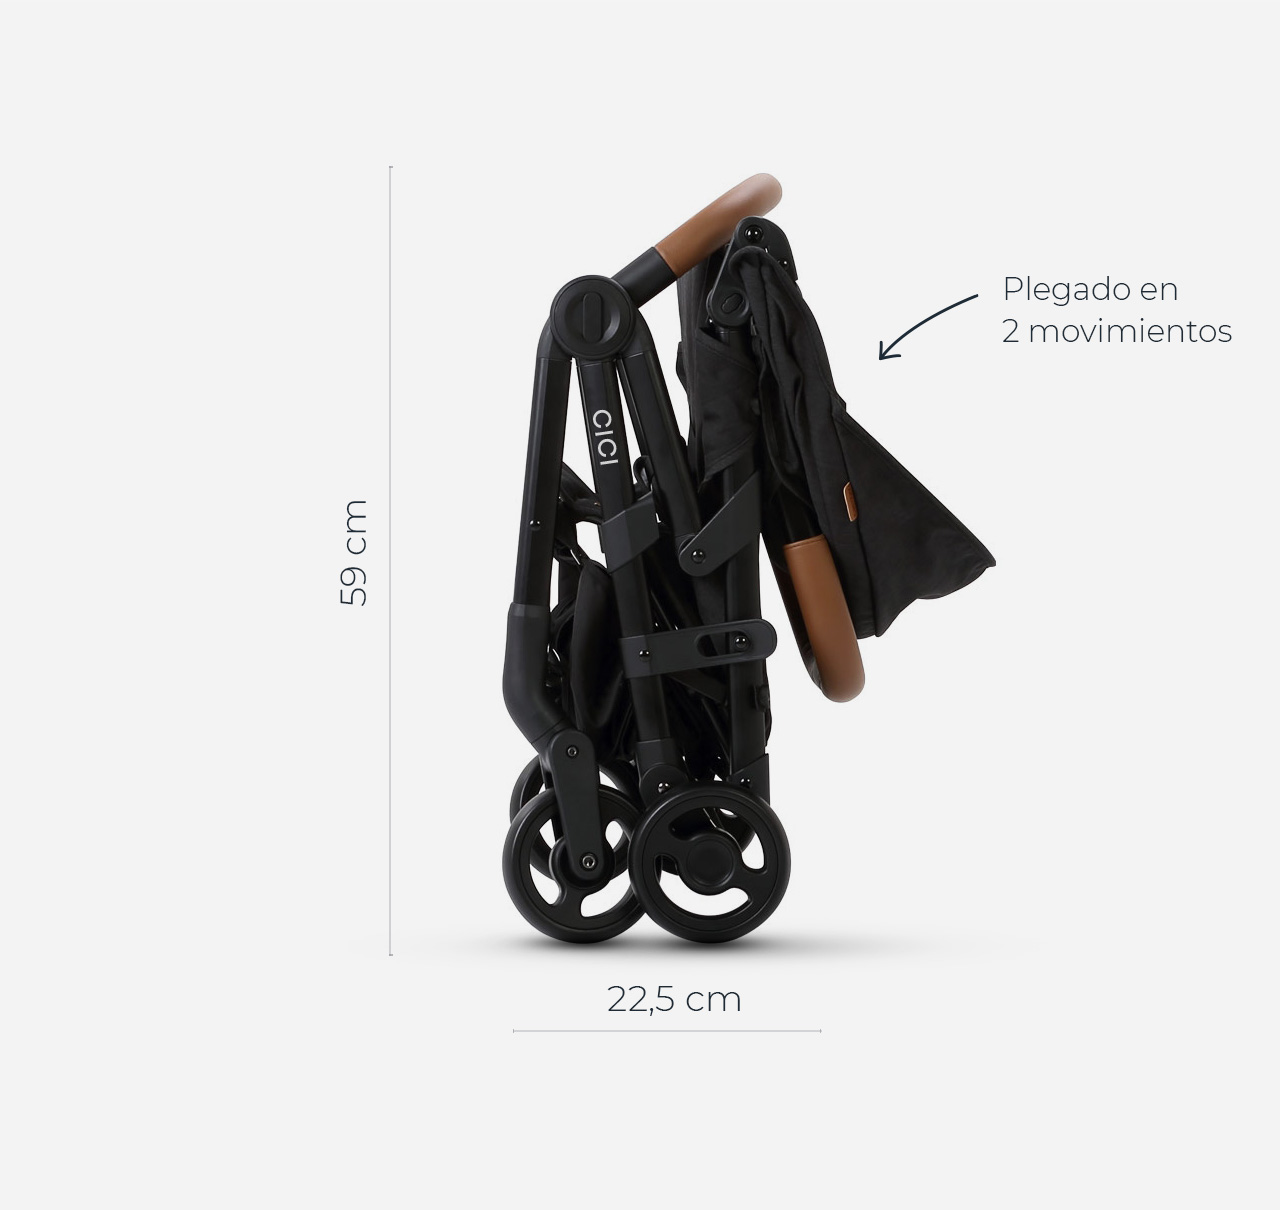 Cochecito CICI con Accesorios Negro Melange imagen 6